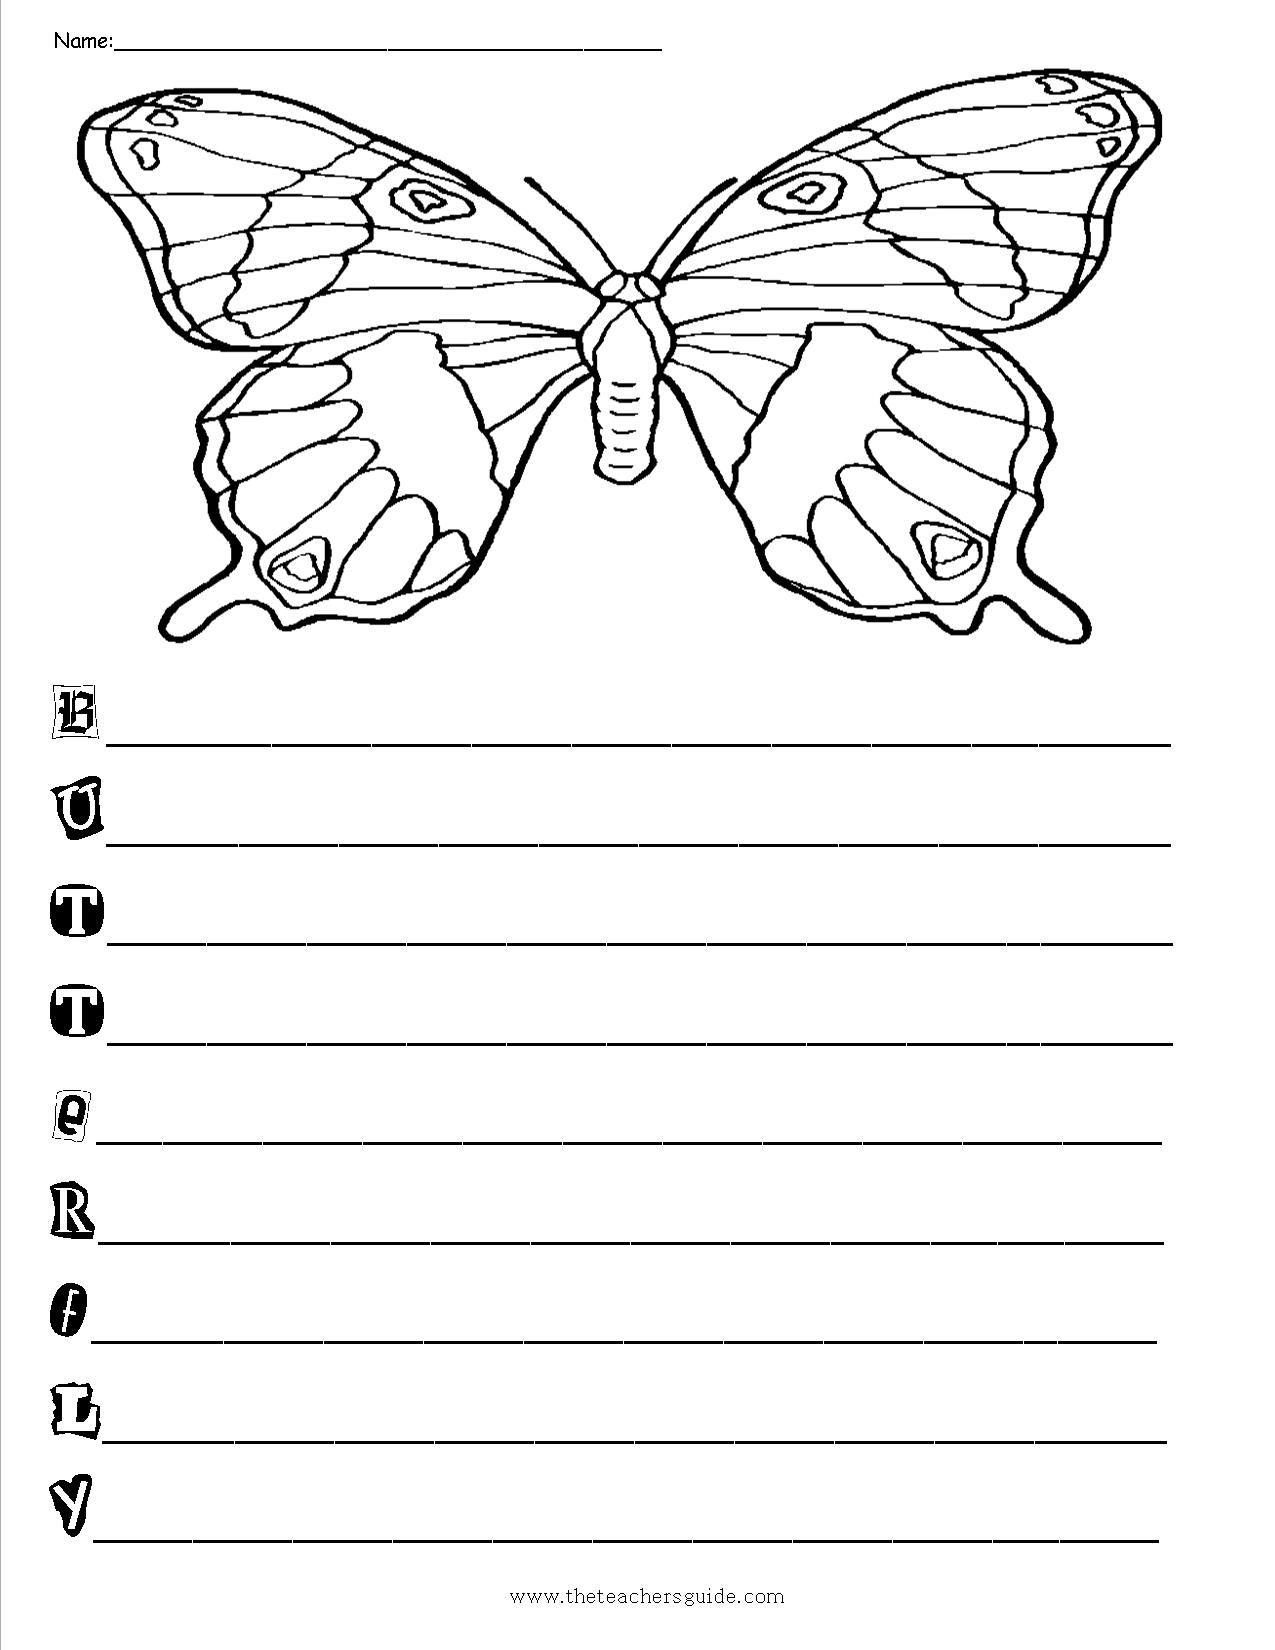 Butteflyacrosticpoemform